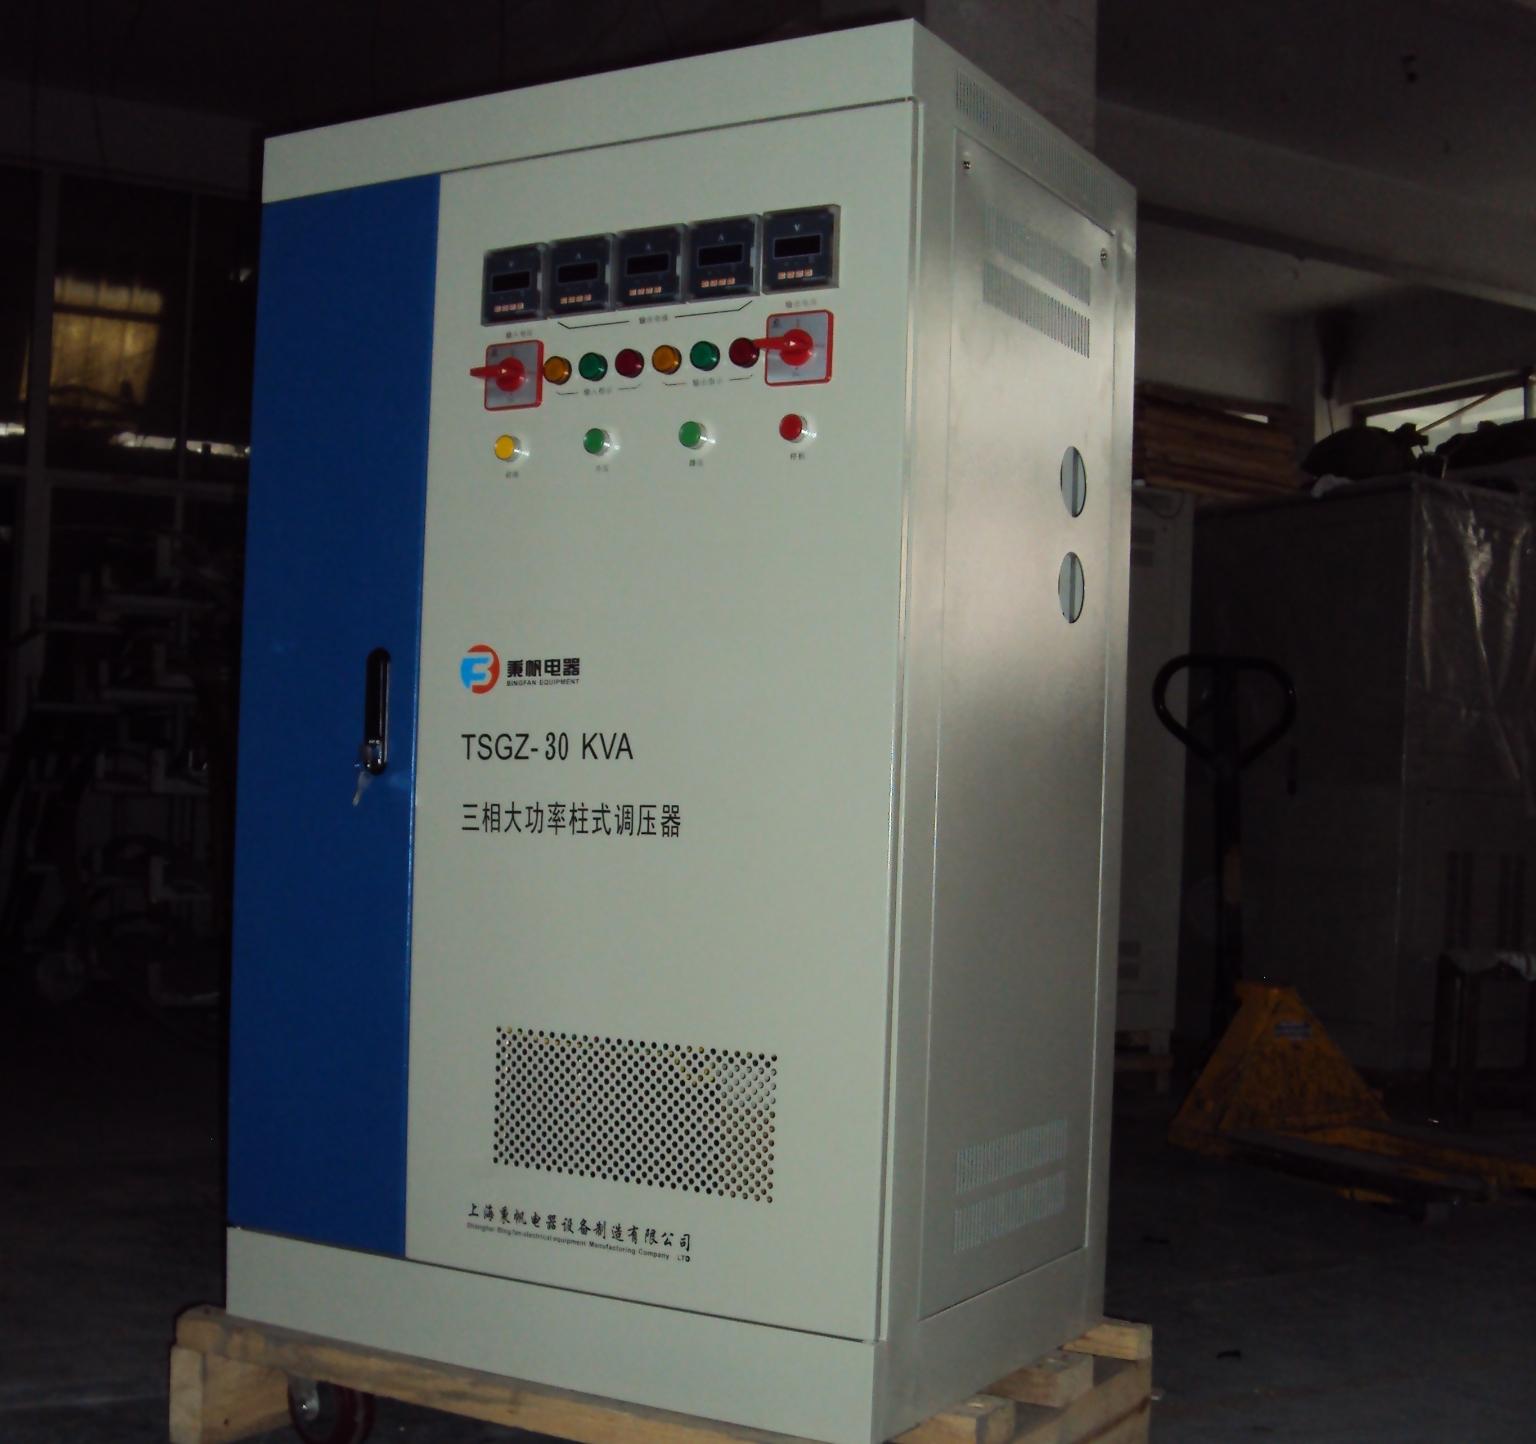 TSGZ-30KVA调压器